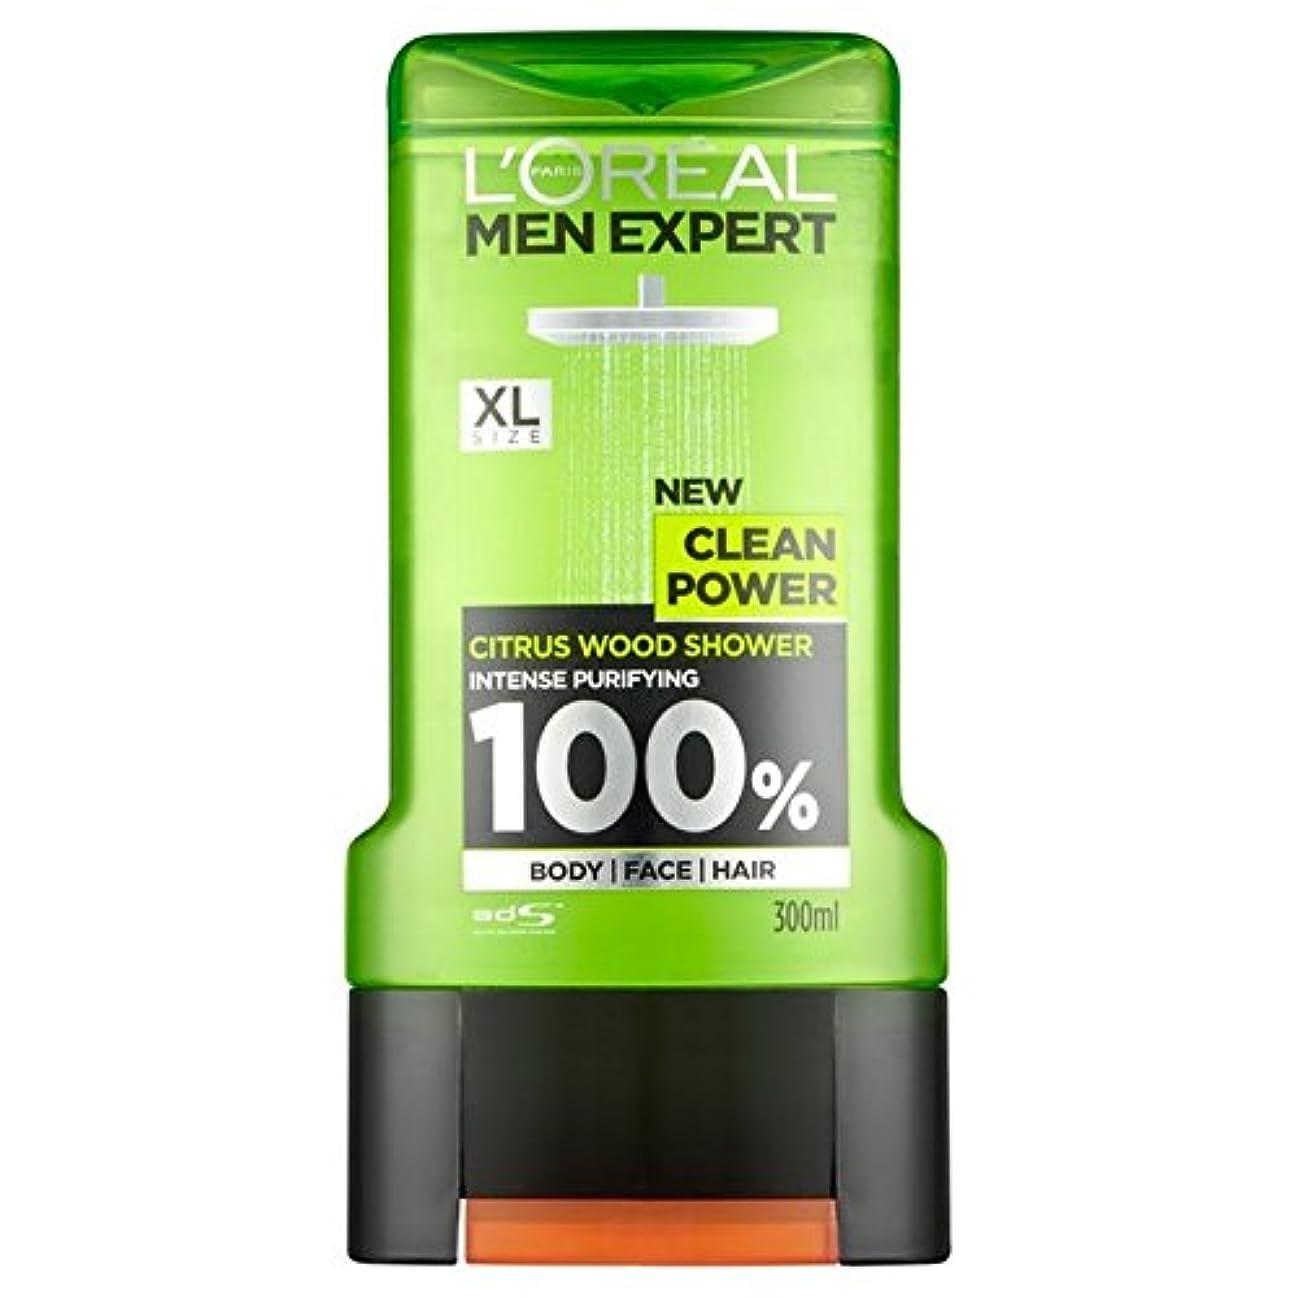 財政ブリッジベッツィトロットウッドロレアルパリの男性の専門家クリーンパワーシャワージェル300ミリリットル x4 - L'Oreal Paris Men Expert Clean Power Shower Gel 300ml (Pack of 4) [並行輸入品]